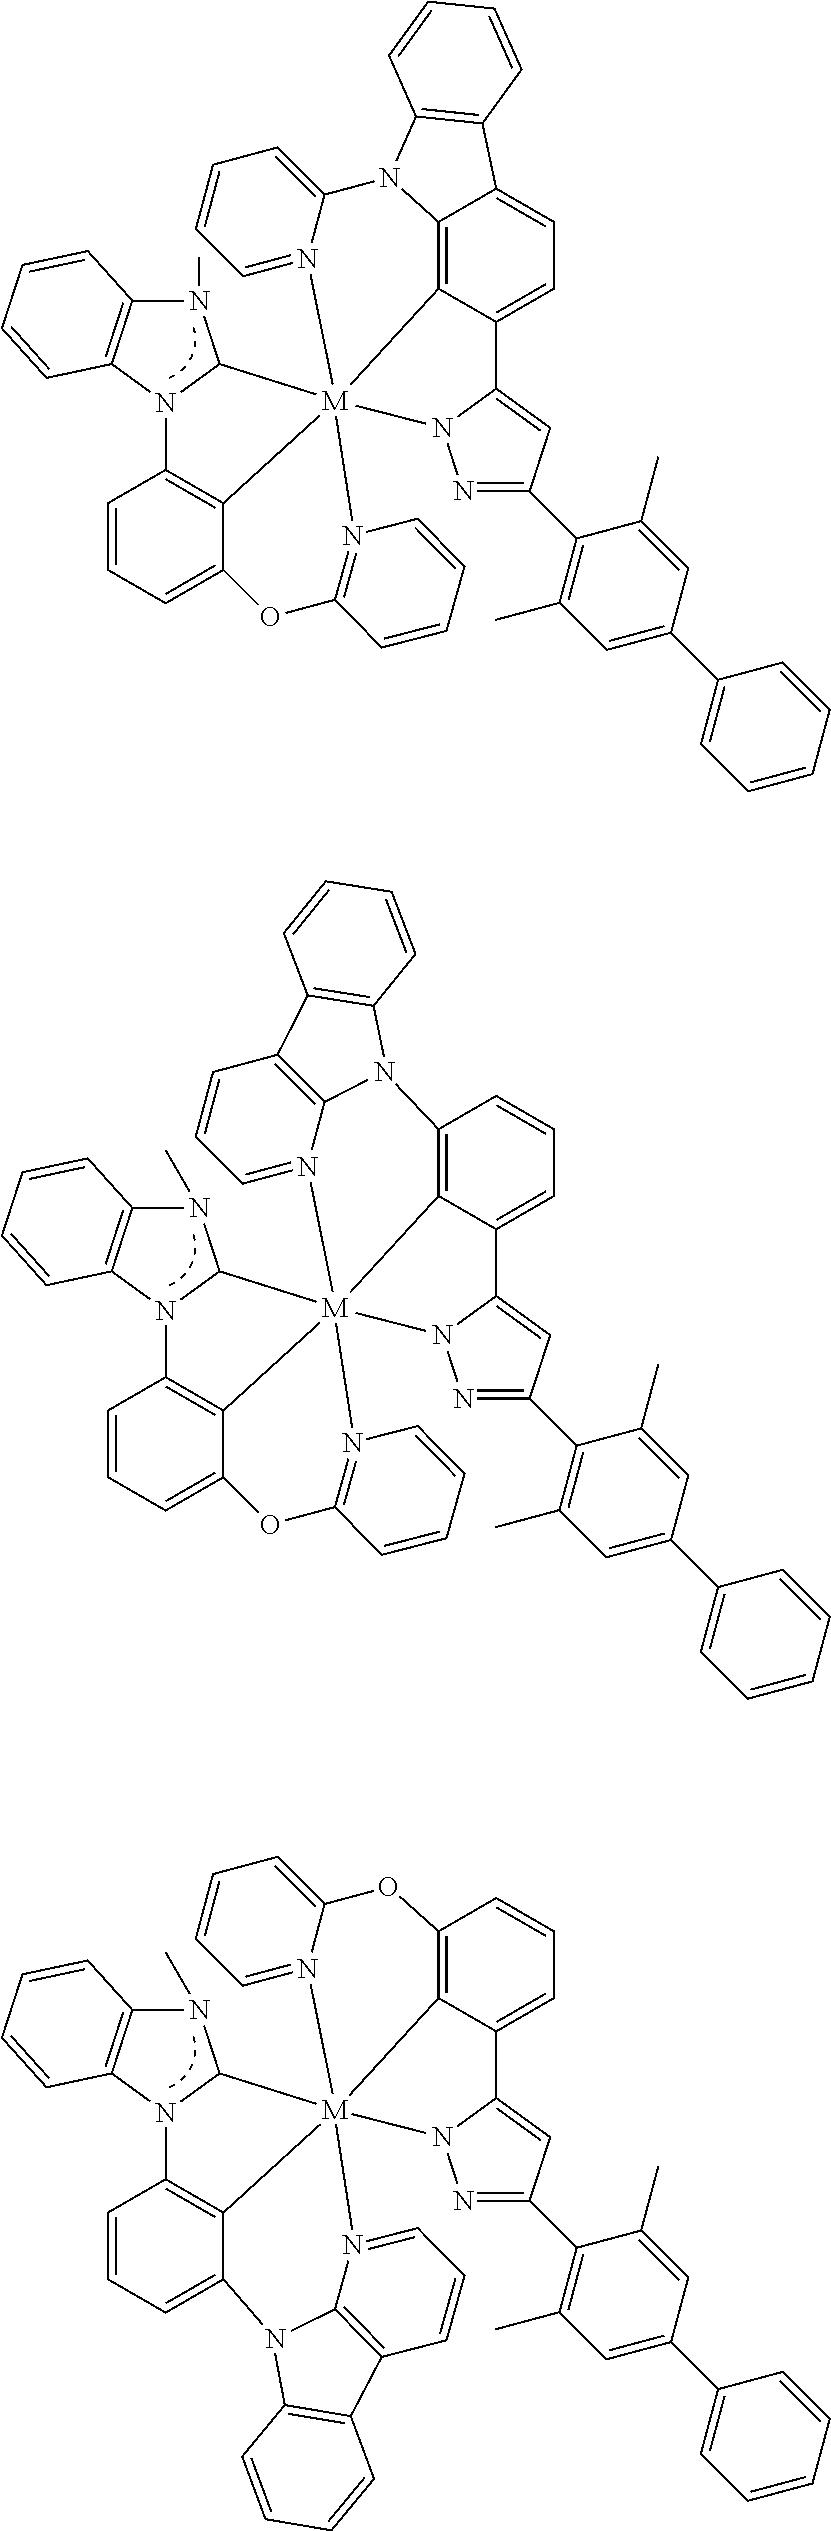 Figure US09818959-20171114-C00363